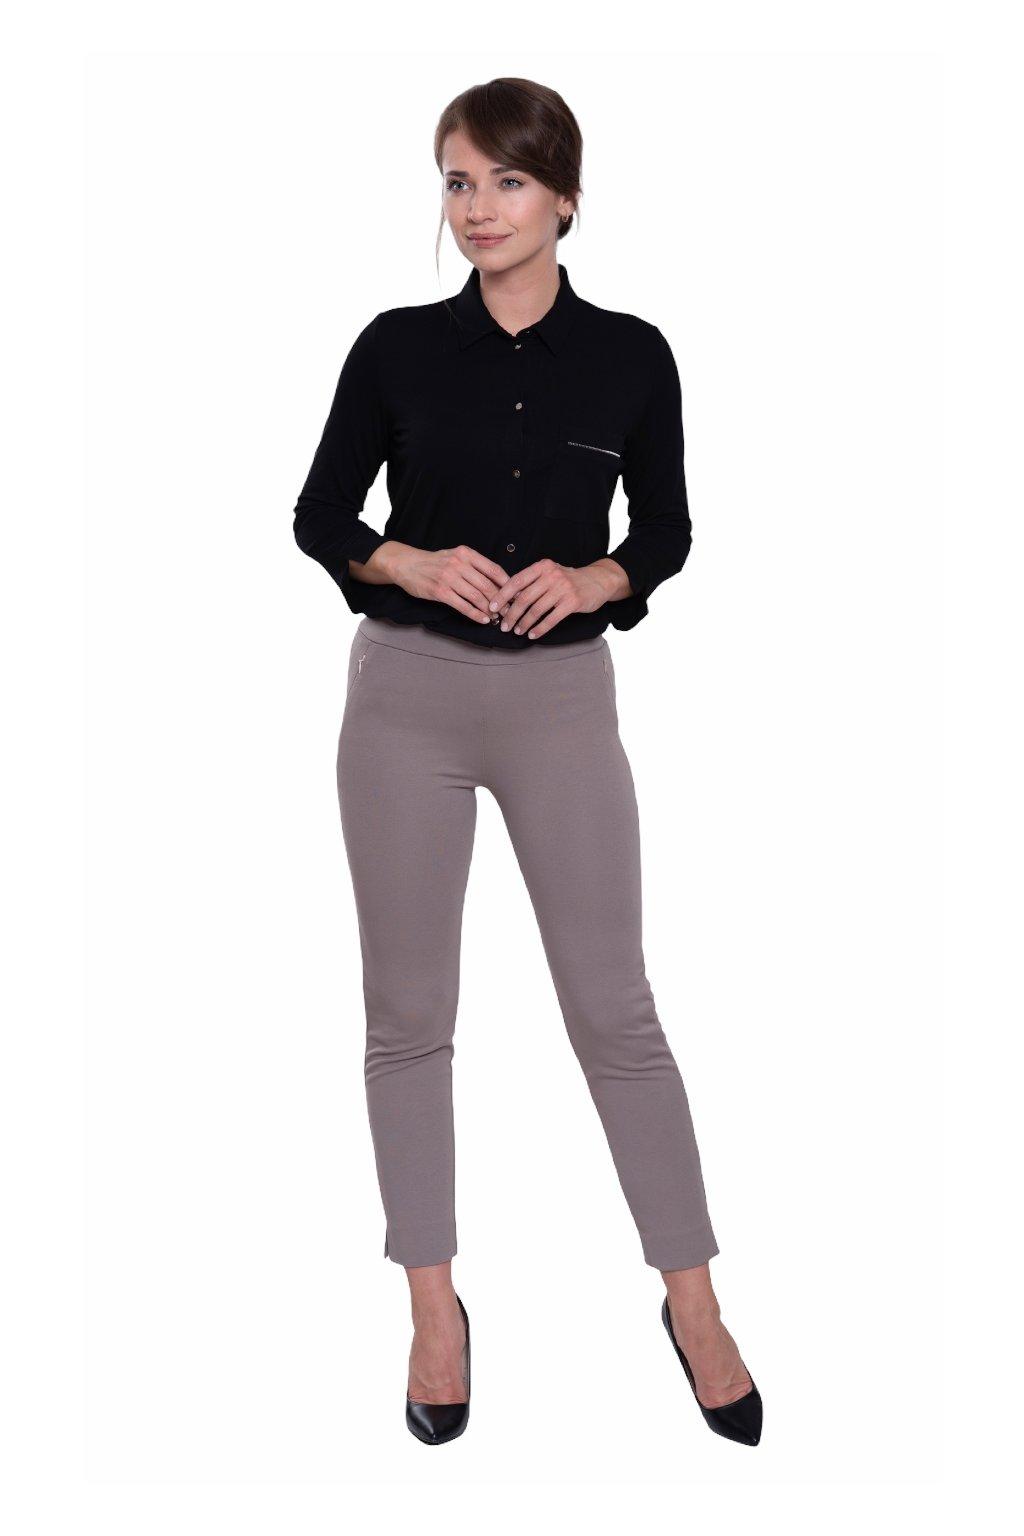 Dámské kalhoty se 7/8 nohavicemi, 10124 497, béžová